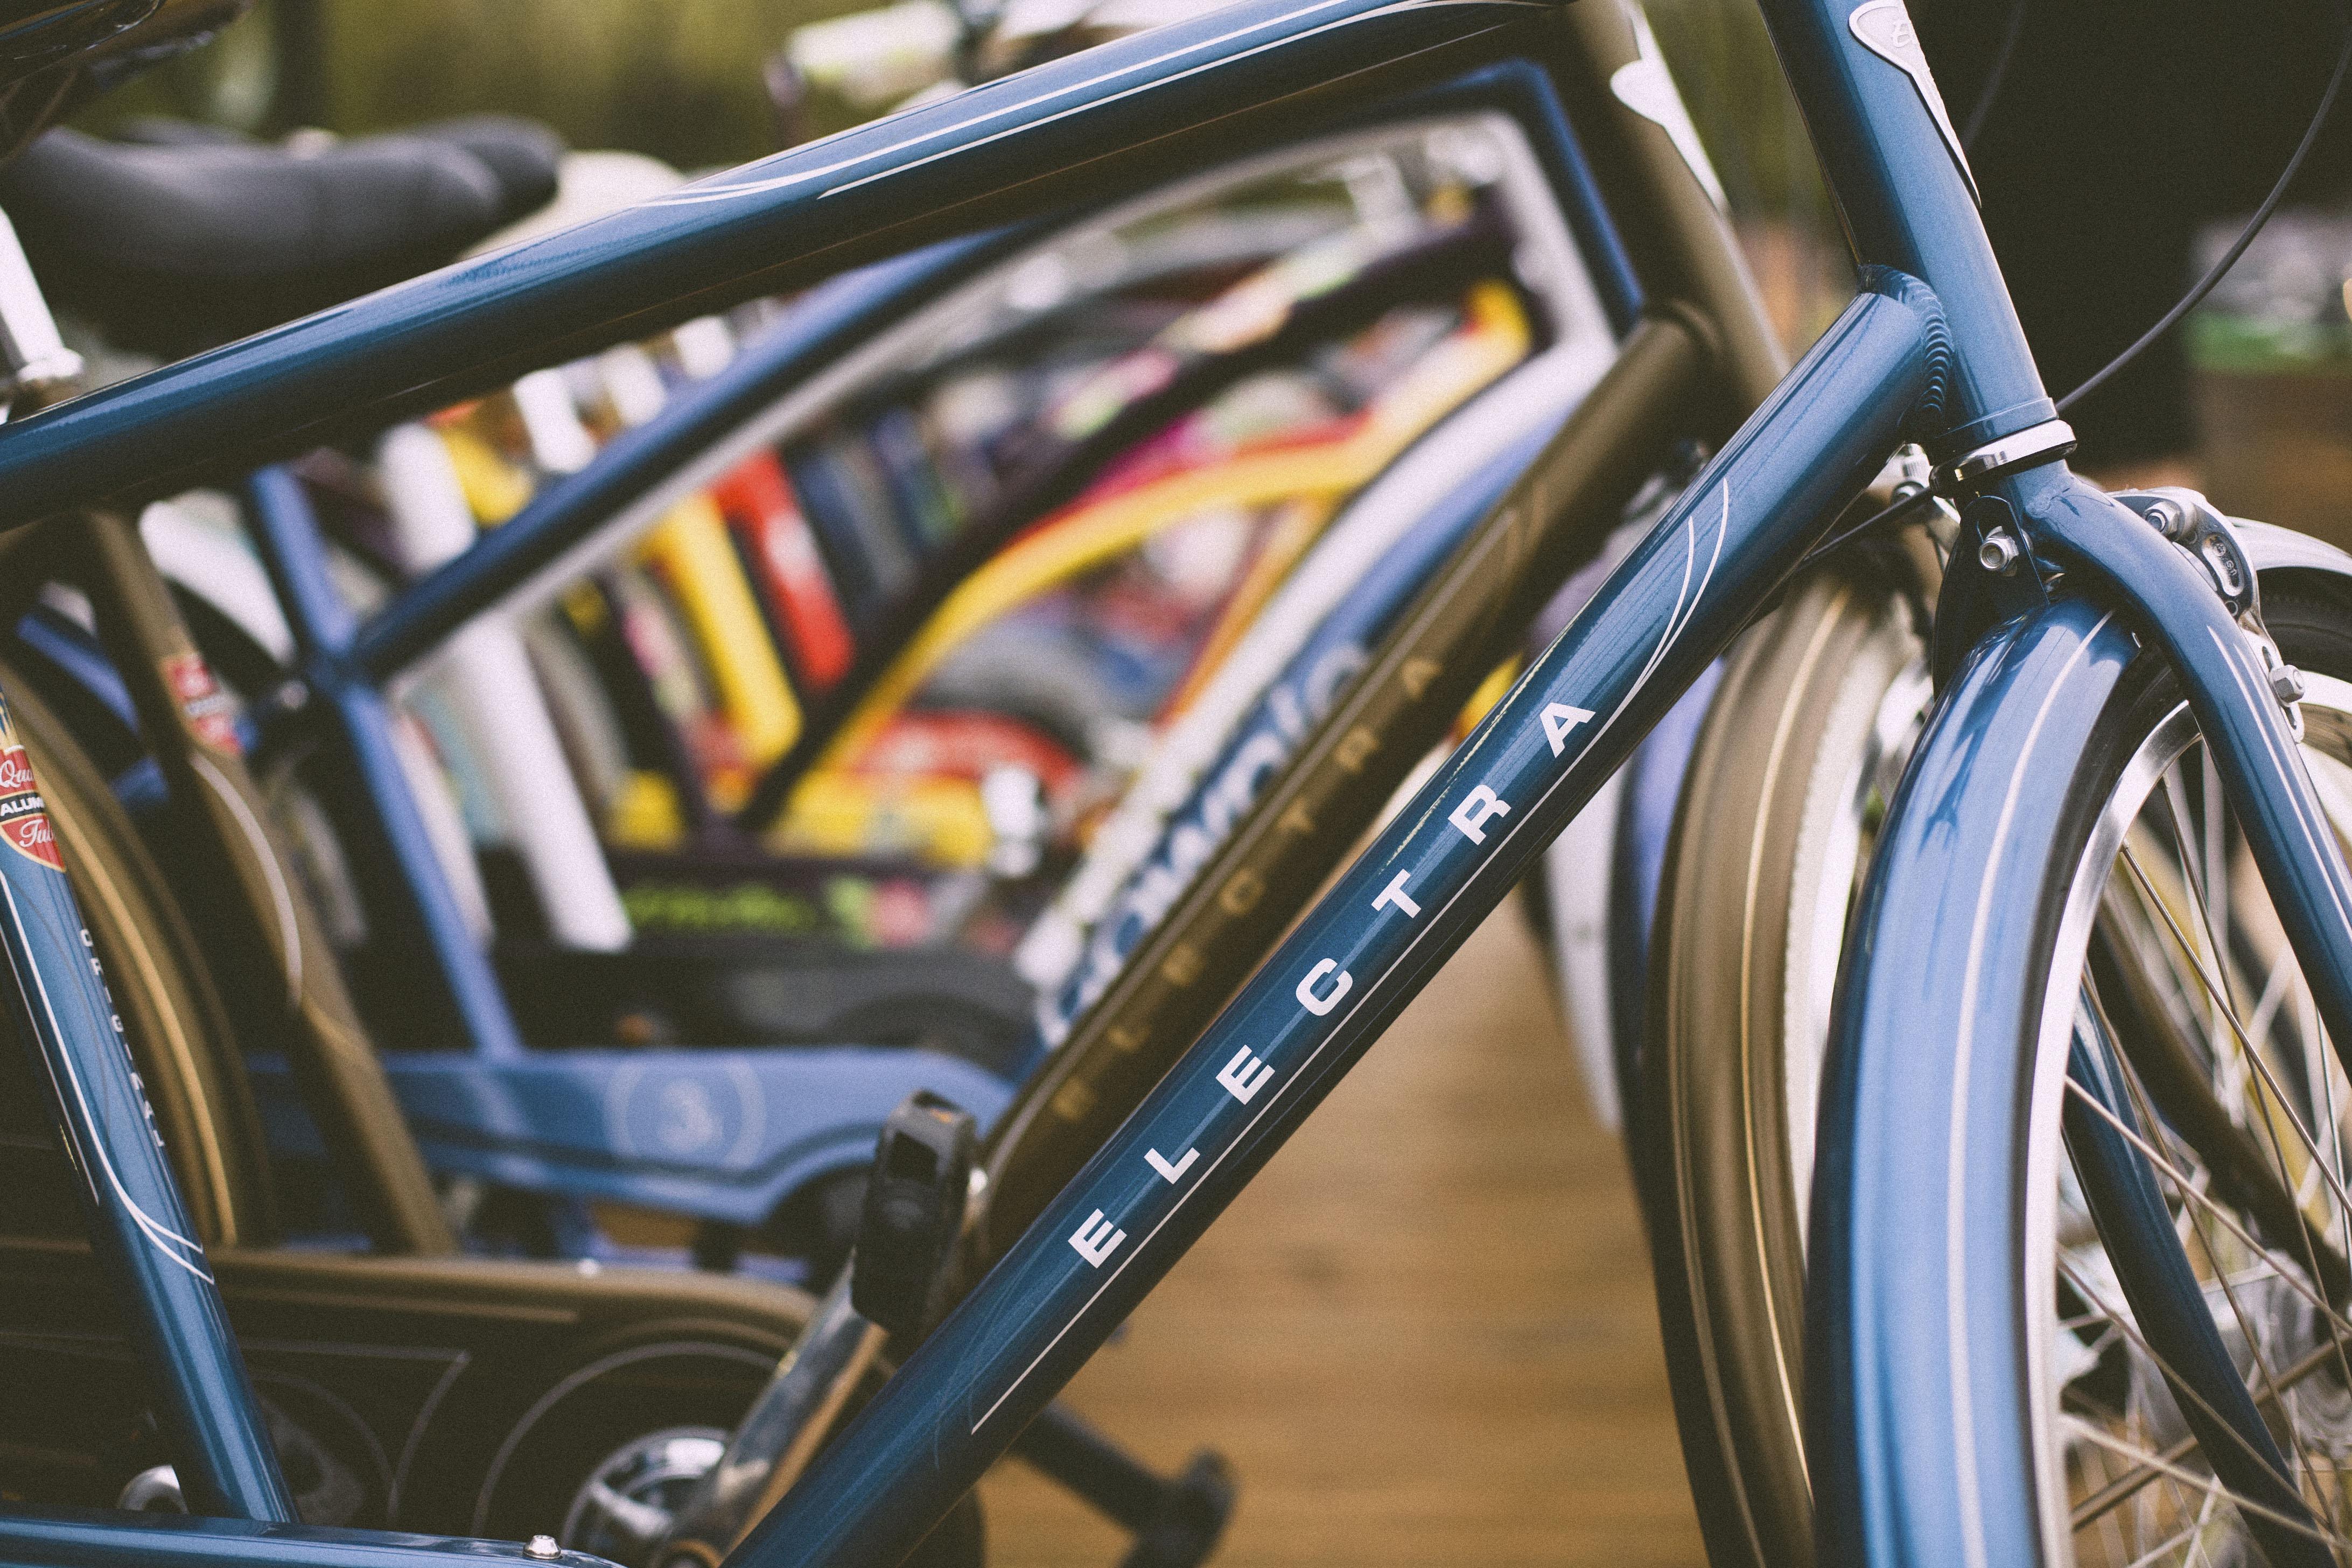 Fietsen in een fietsenstalling